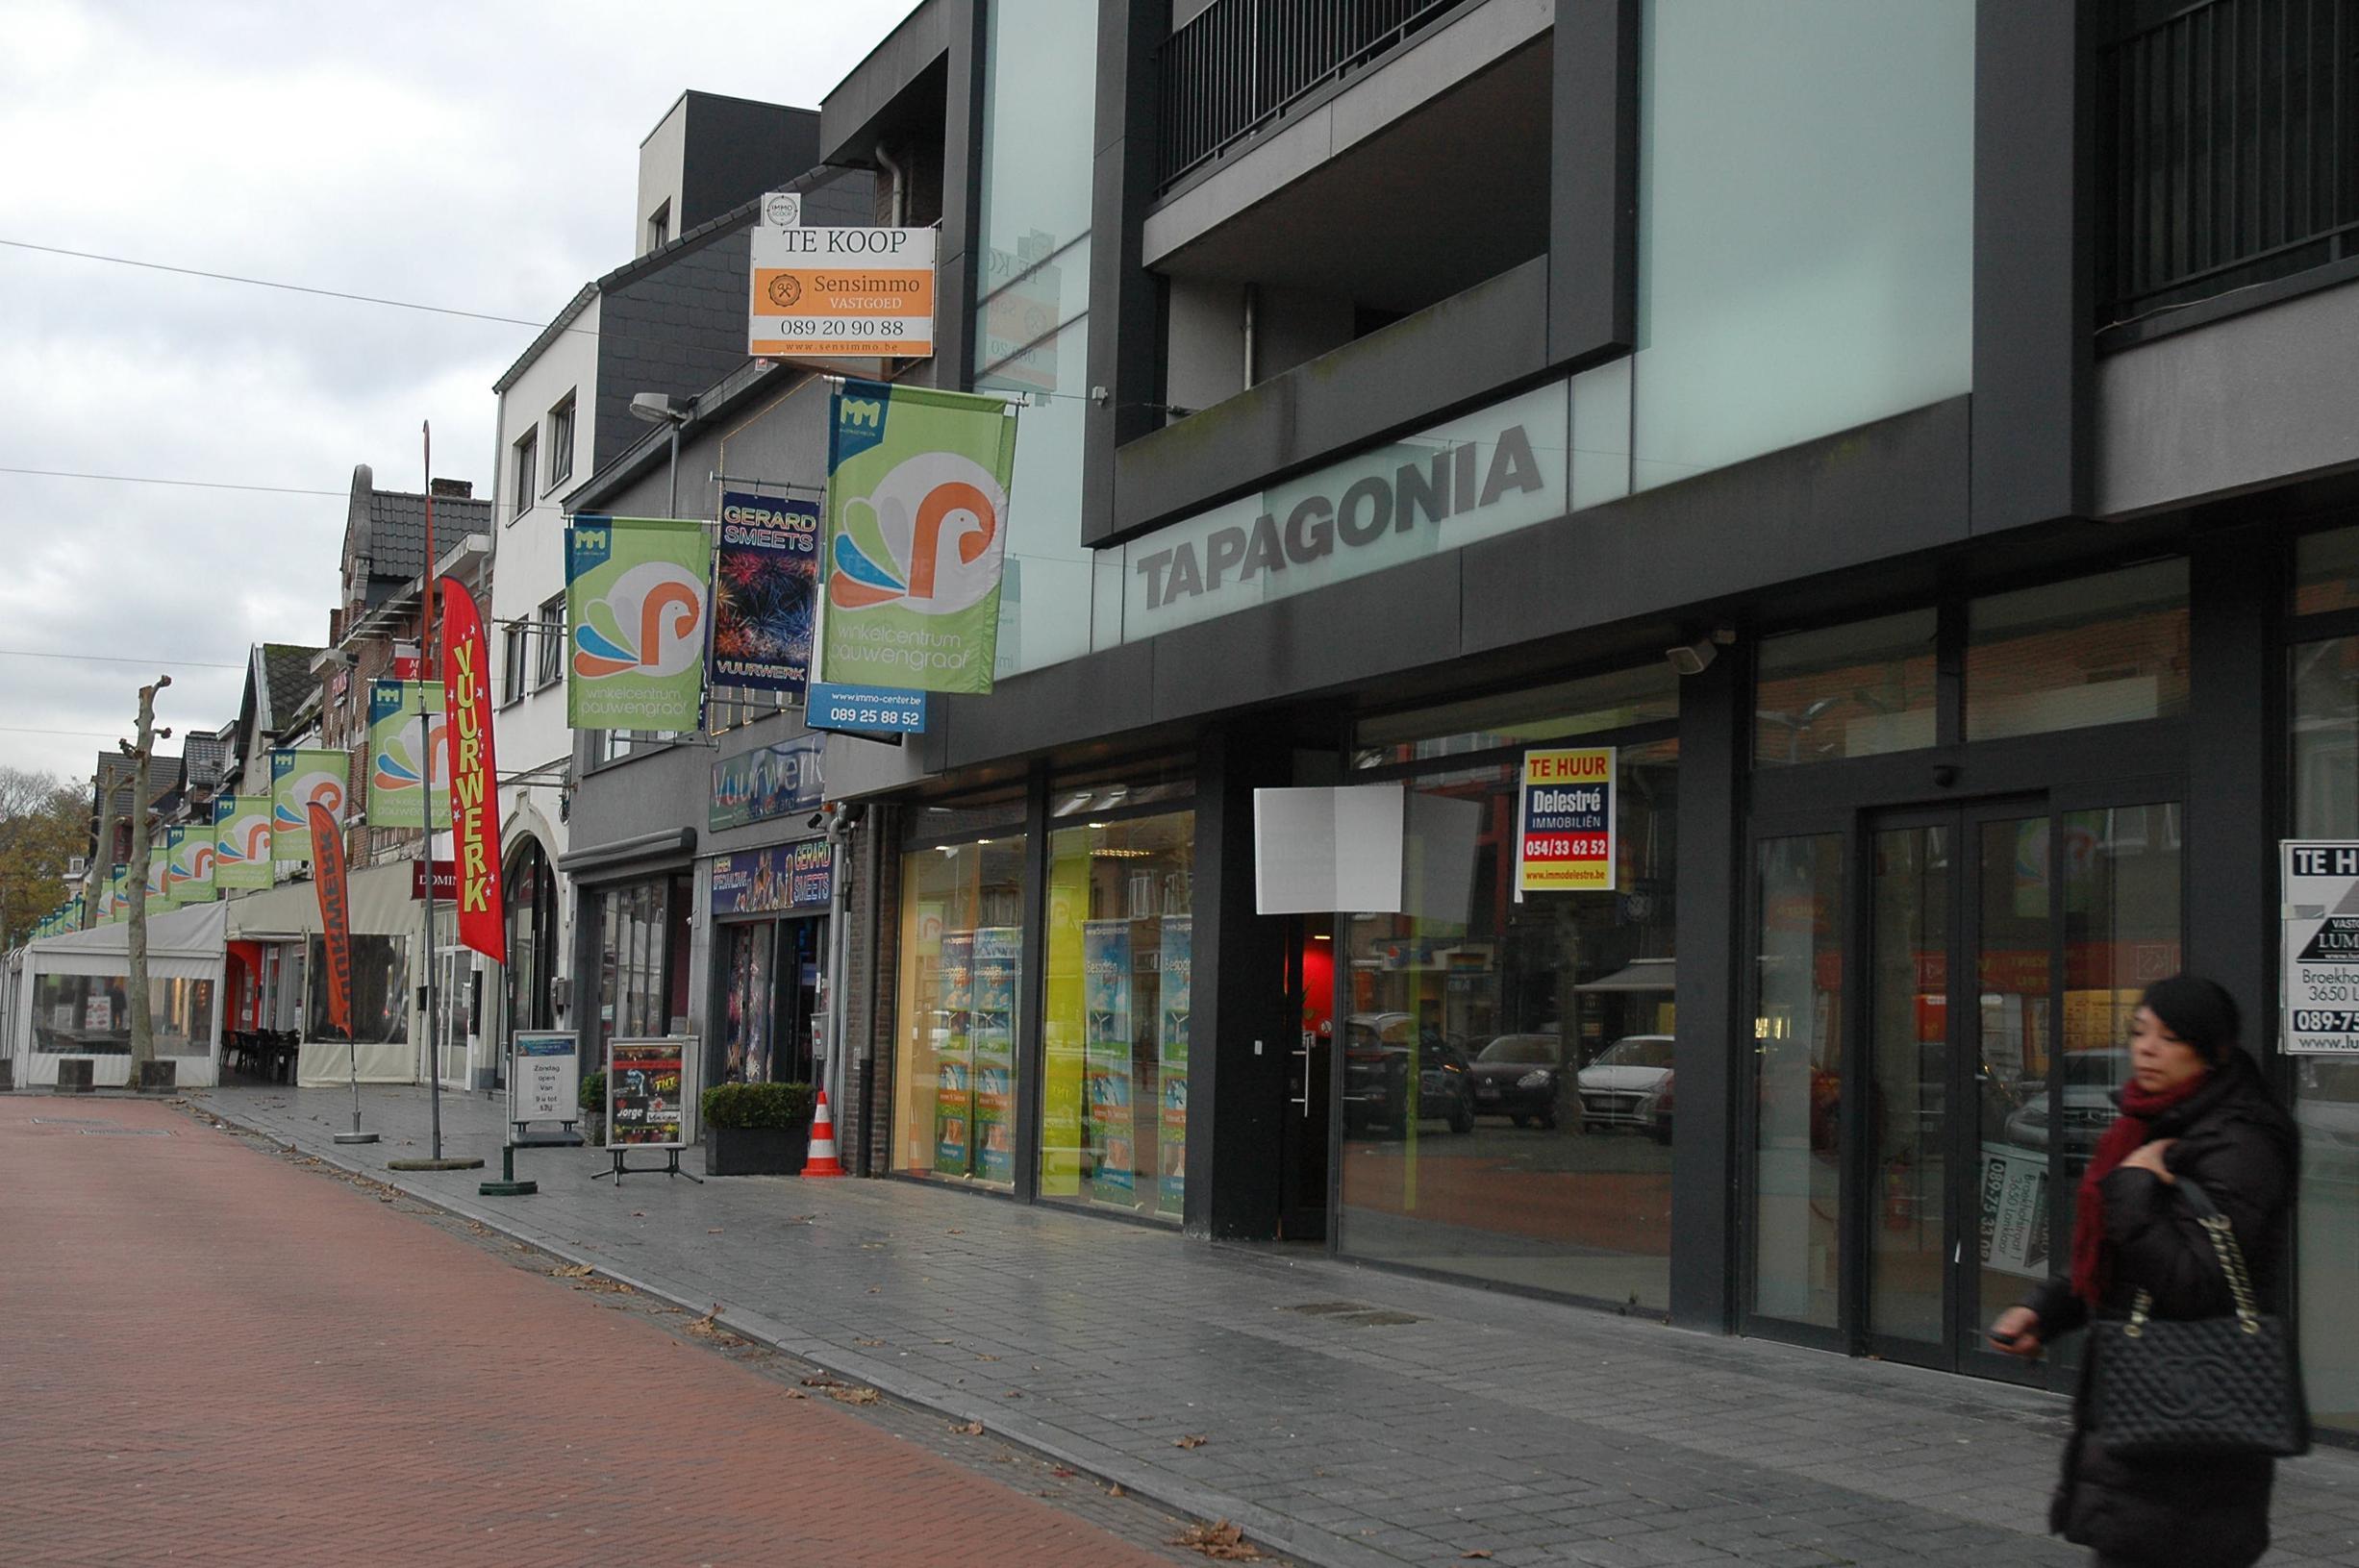 Drie jaar lang geen belastingen voor horeca in Maasmechelen - Het Belang van Limburg